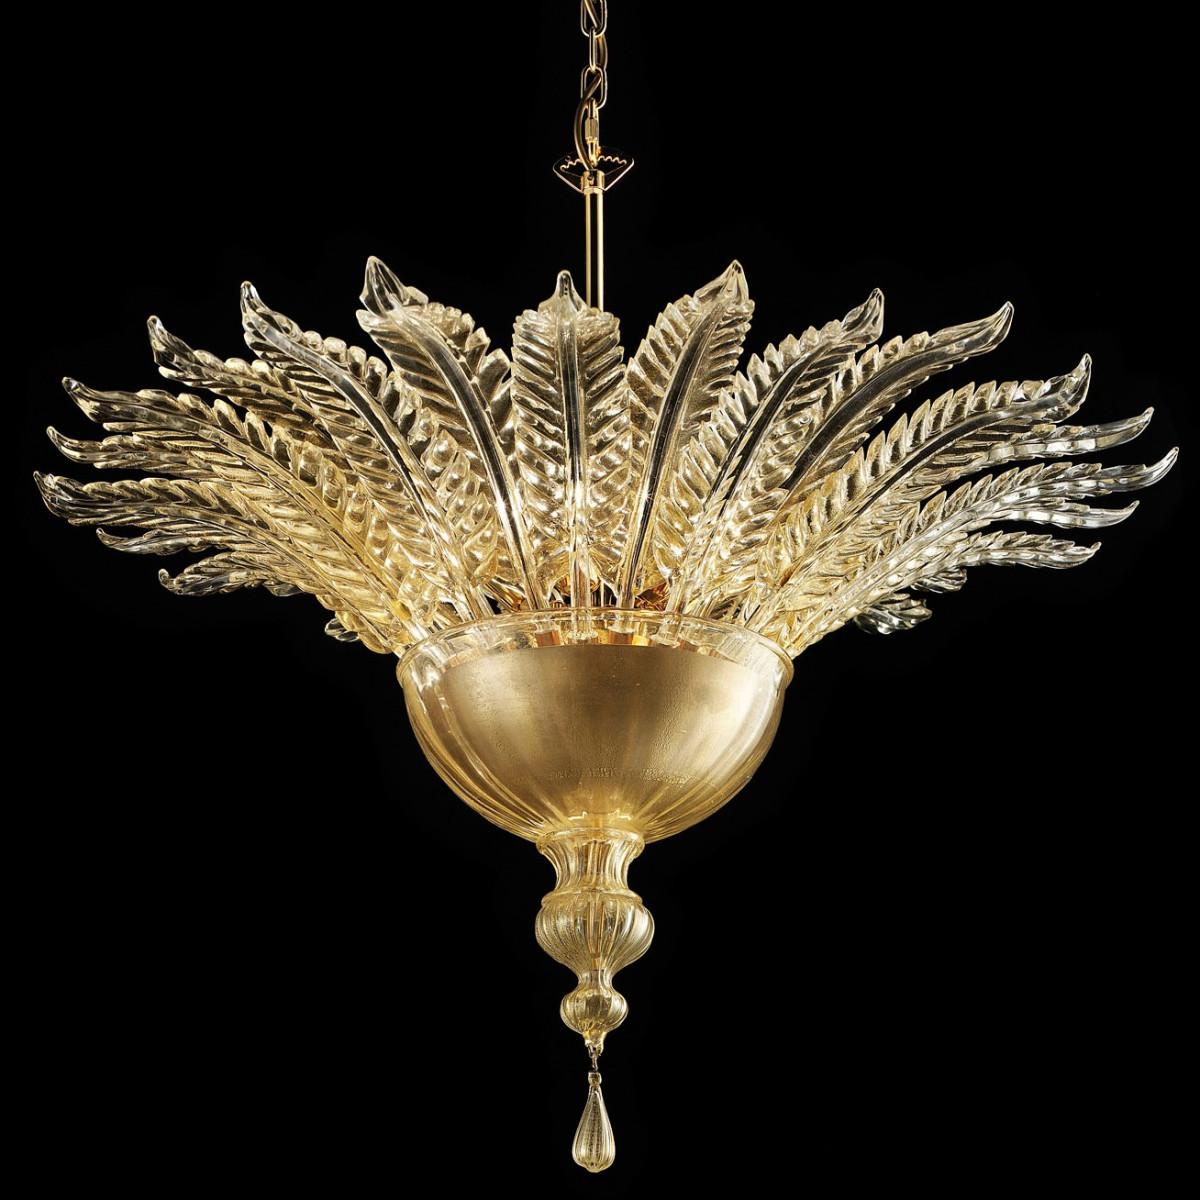 Fantastico plafonnier en verre de Murano - 6 lumieres - couleur or